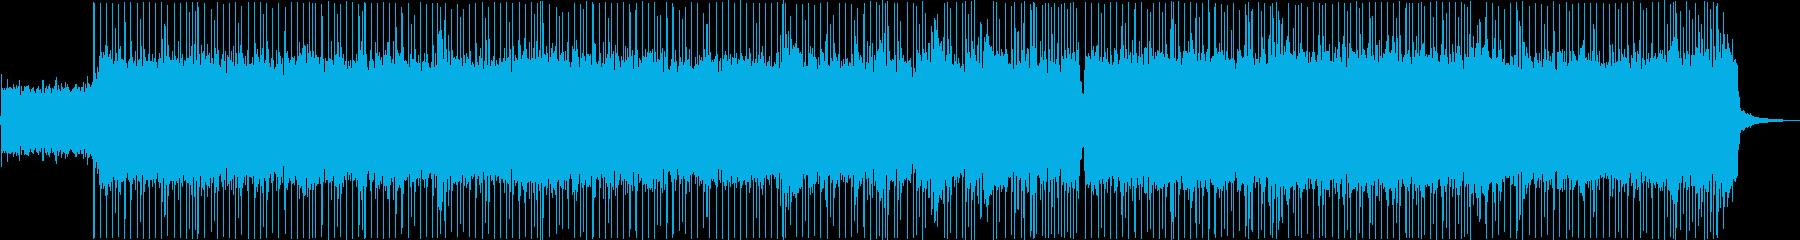 バトルに合うギターメインのメタル曲の再生済みの波形